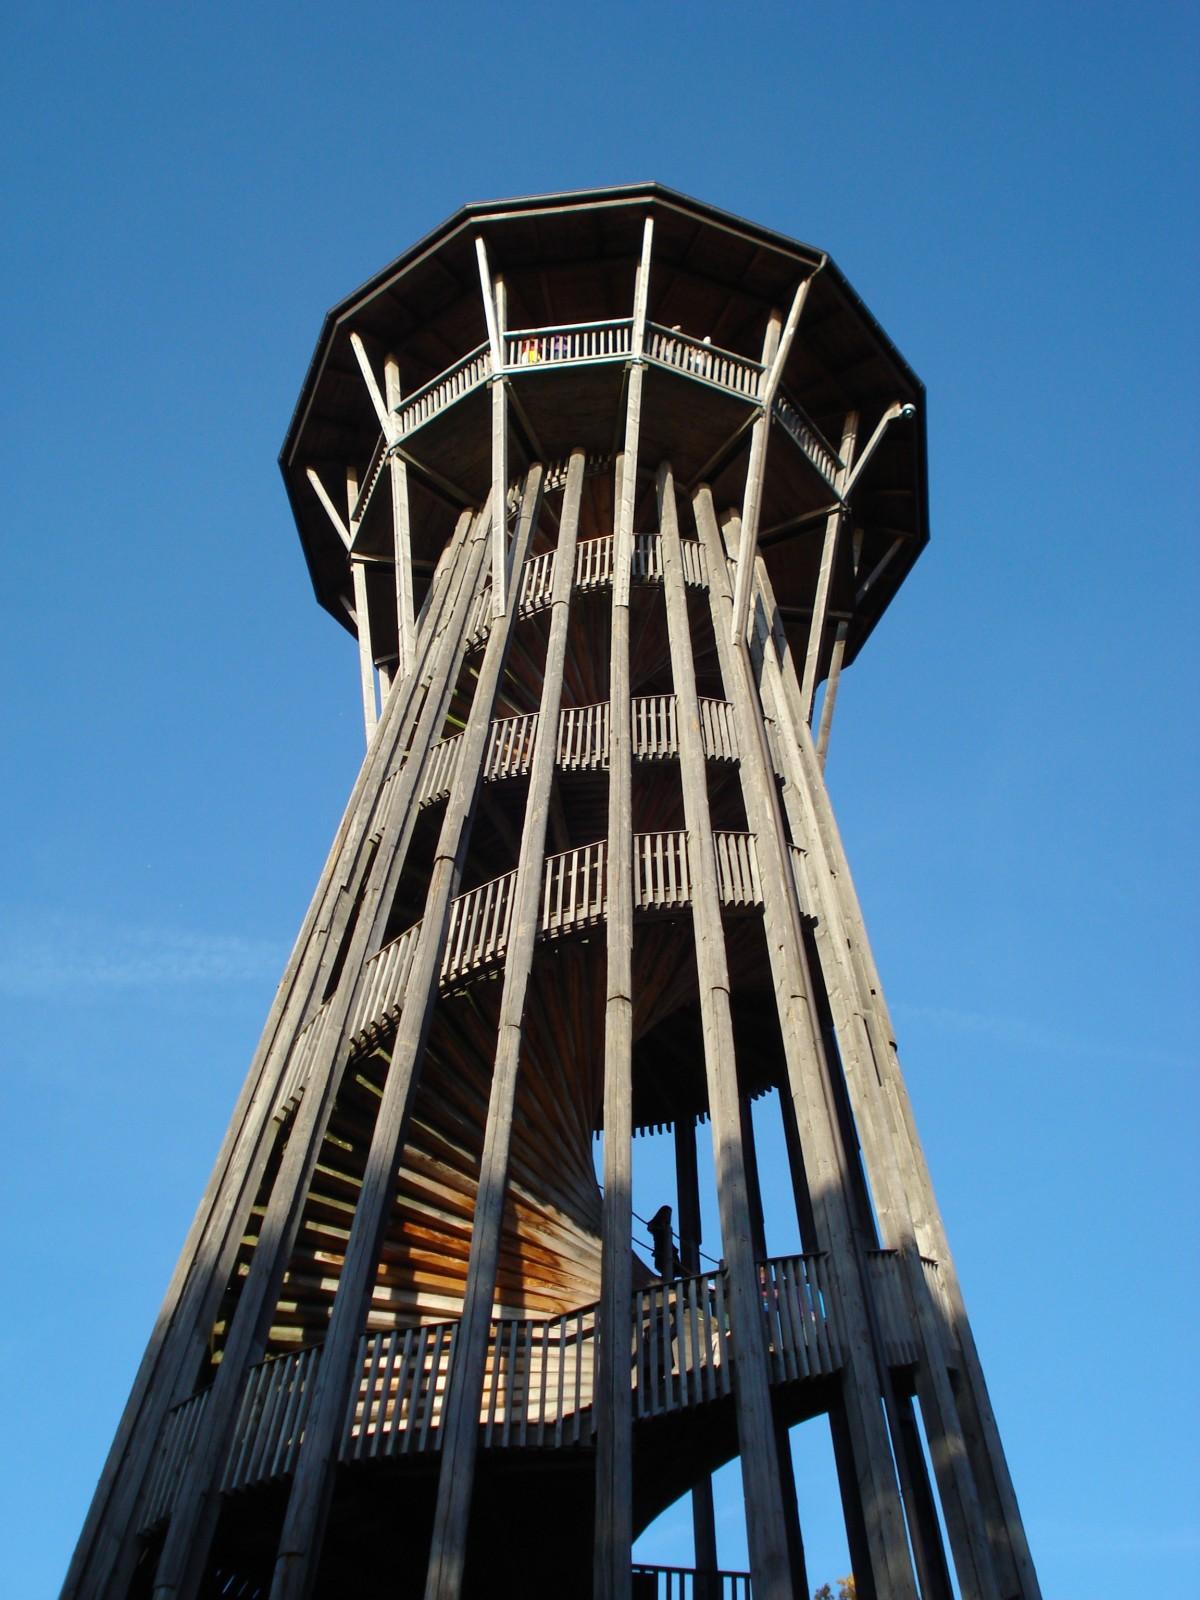 Free Images Architecture Wood Building Amusement Park